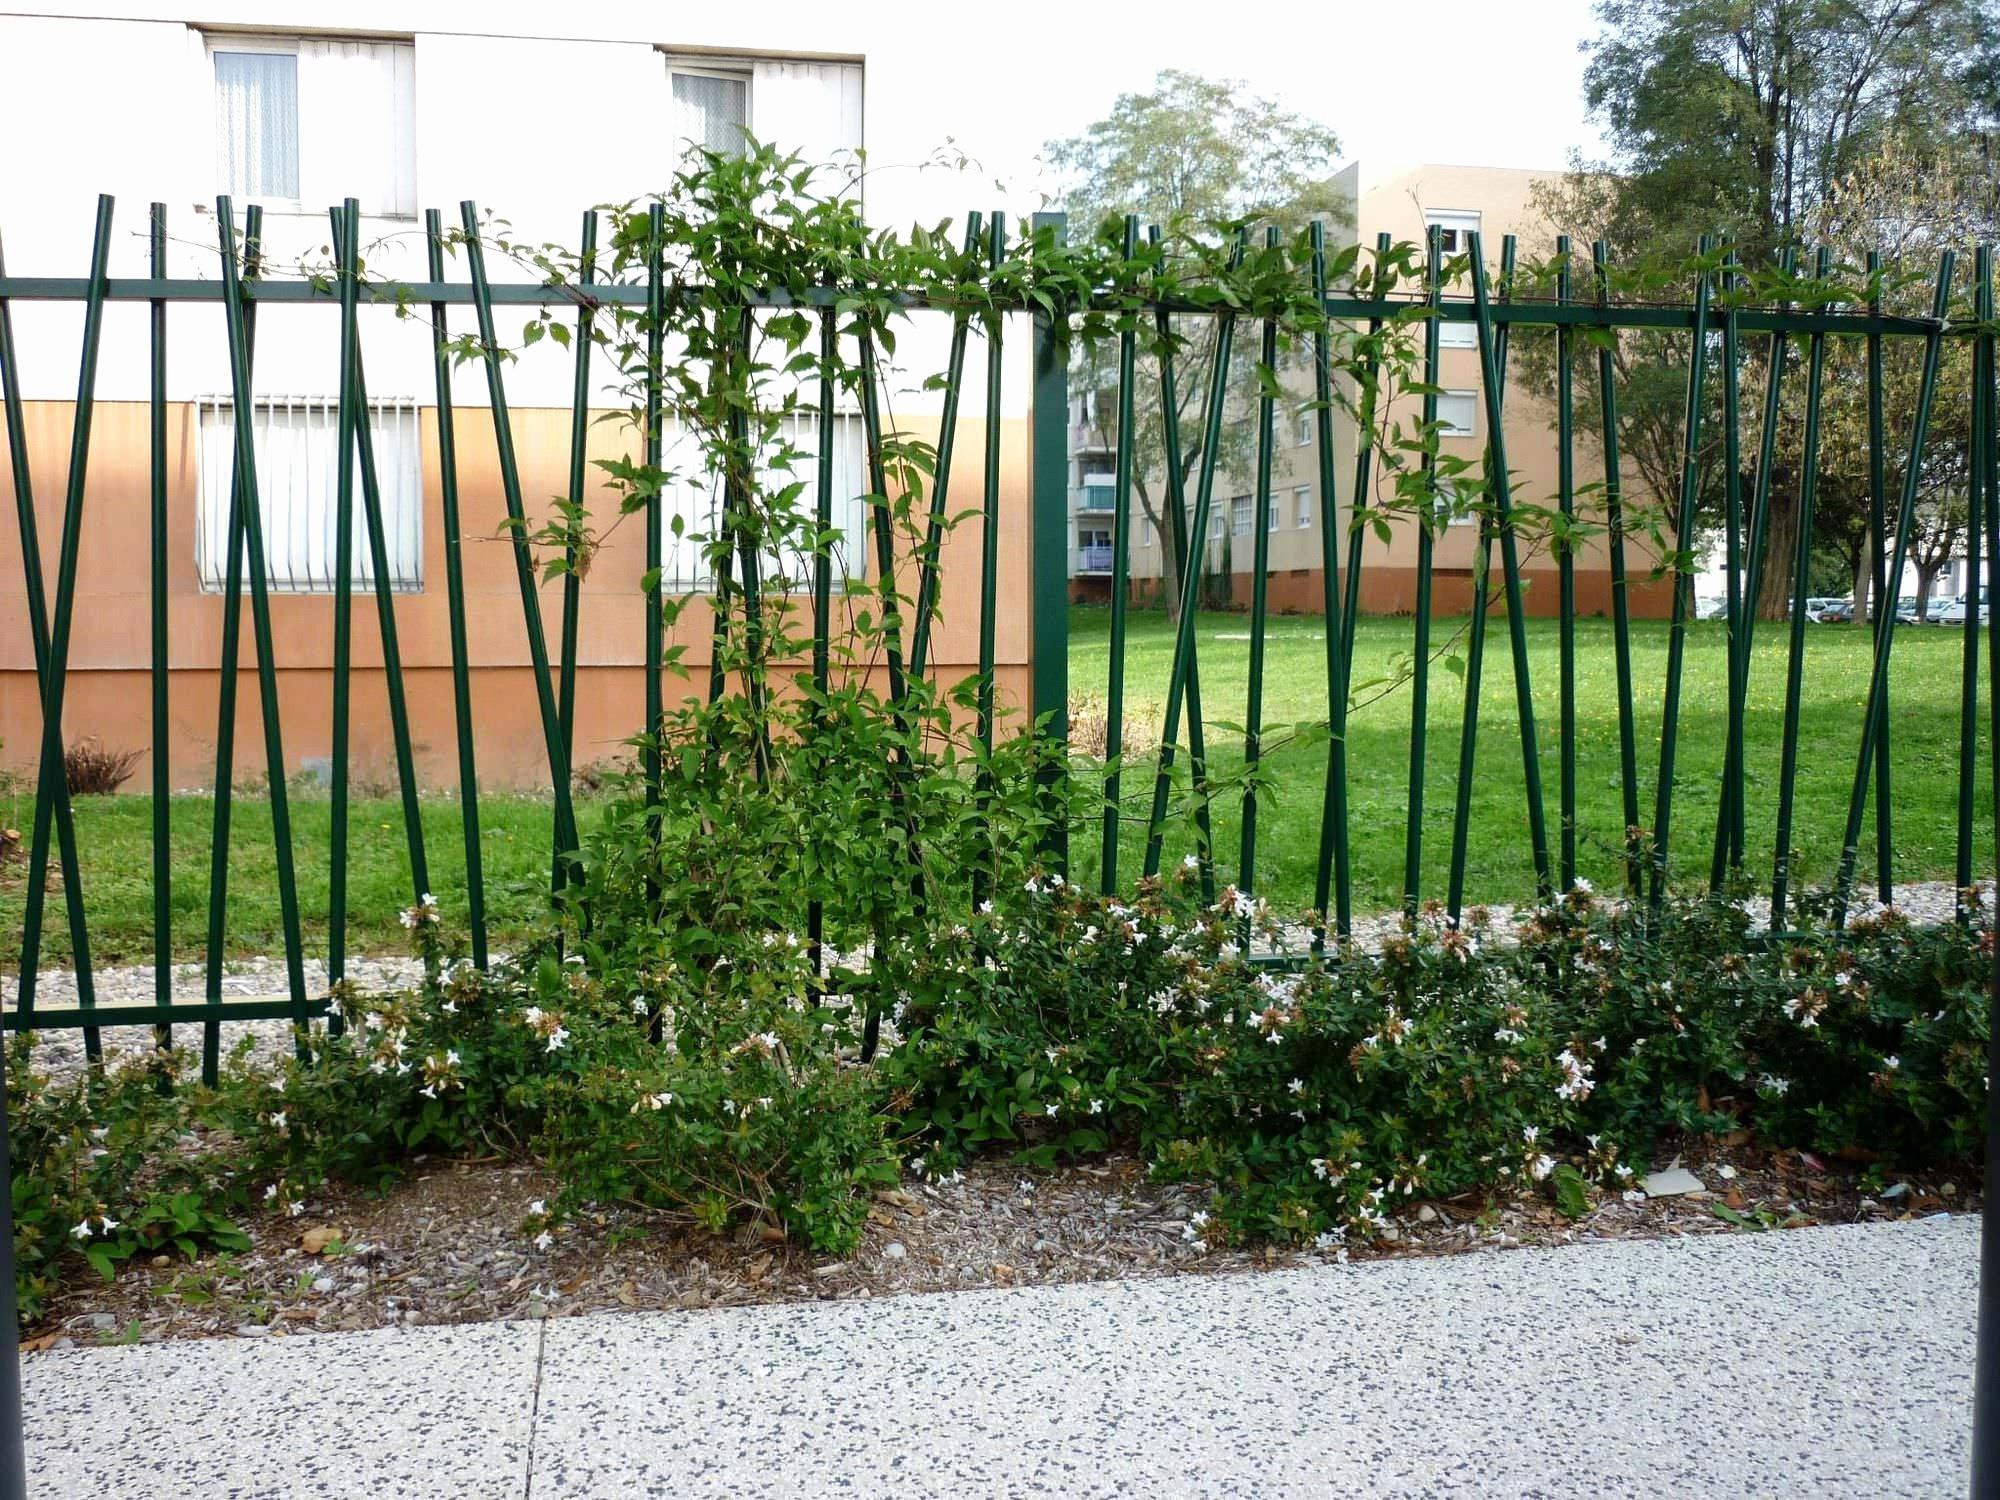 Cabanon De Jardin Castorama Nouveau Image Cabanon De Jardin Castorama De Meilleur Cabane De Jardin originale